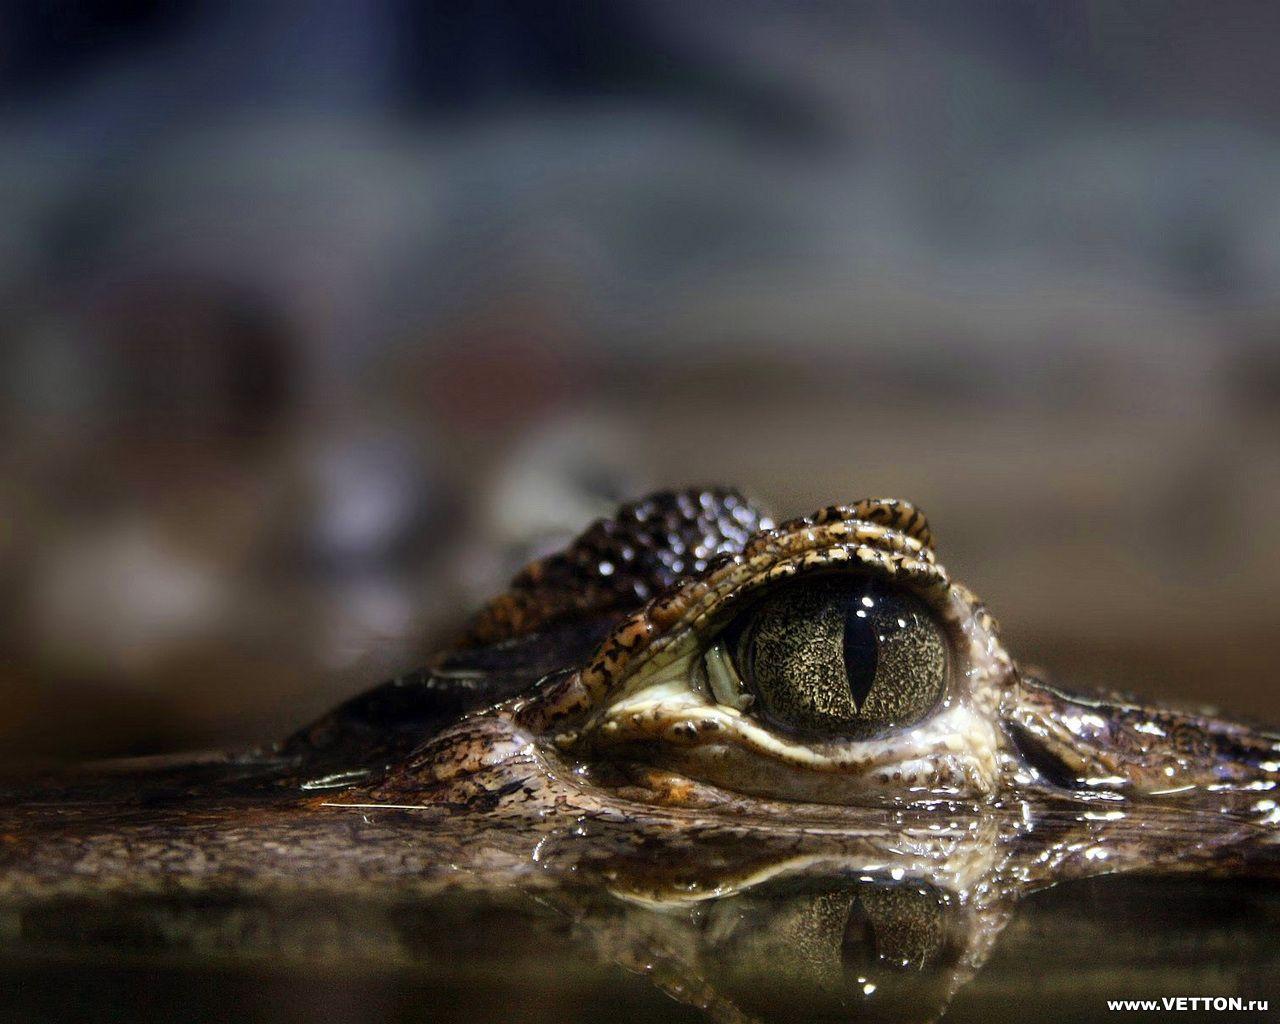 Глаза крокодила картинки